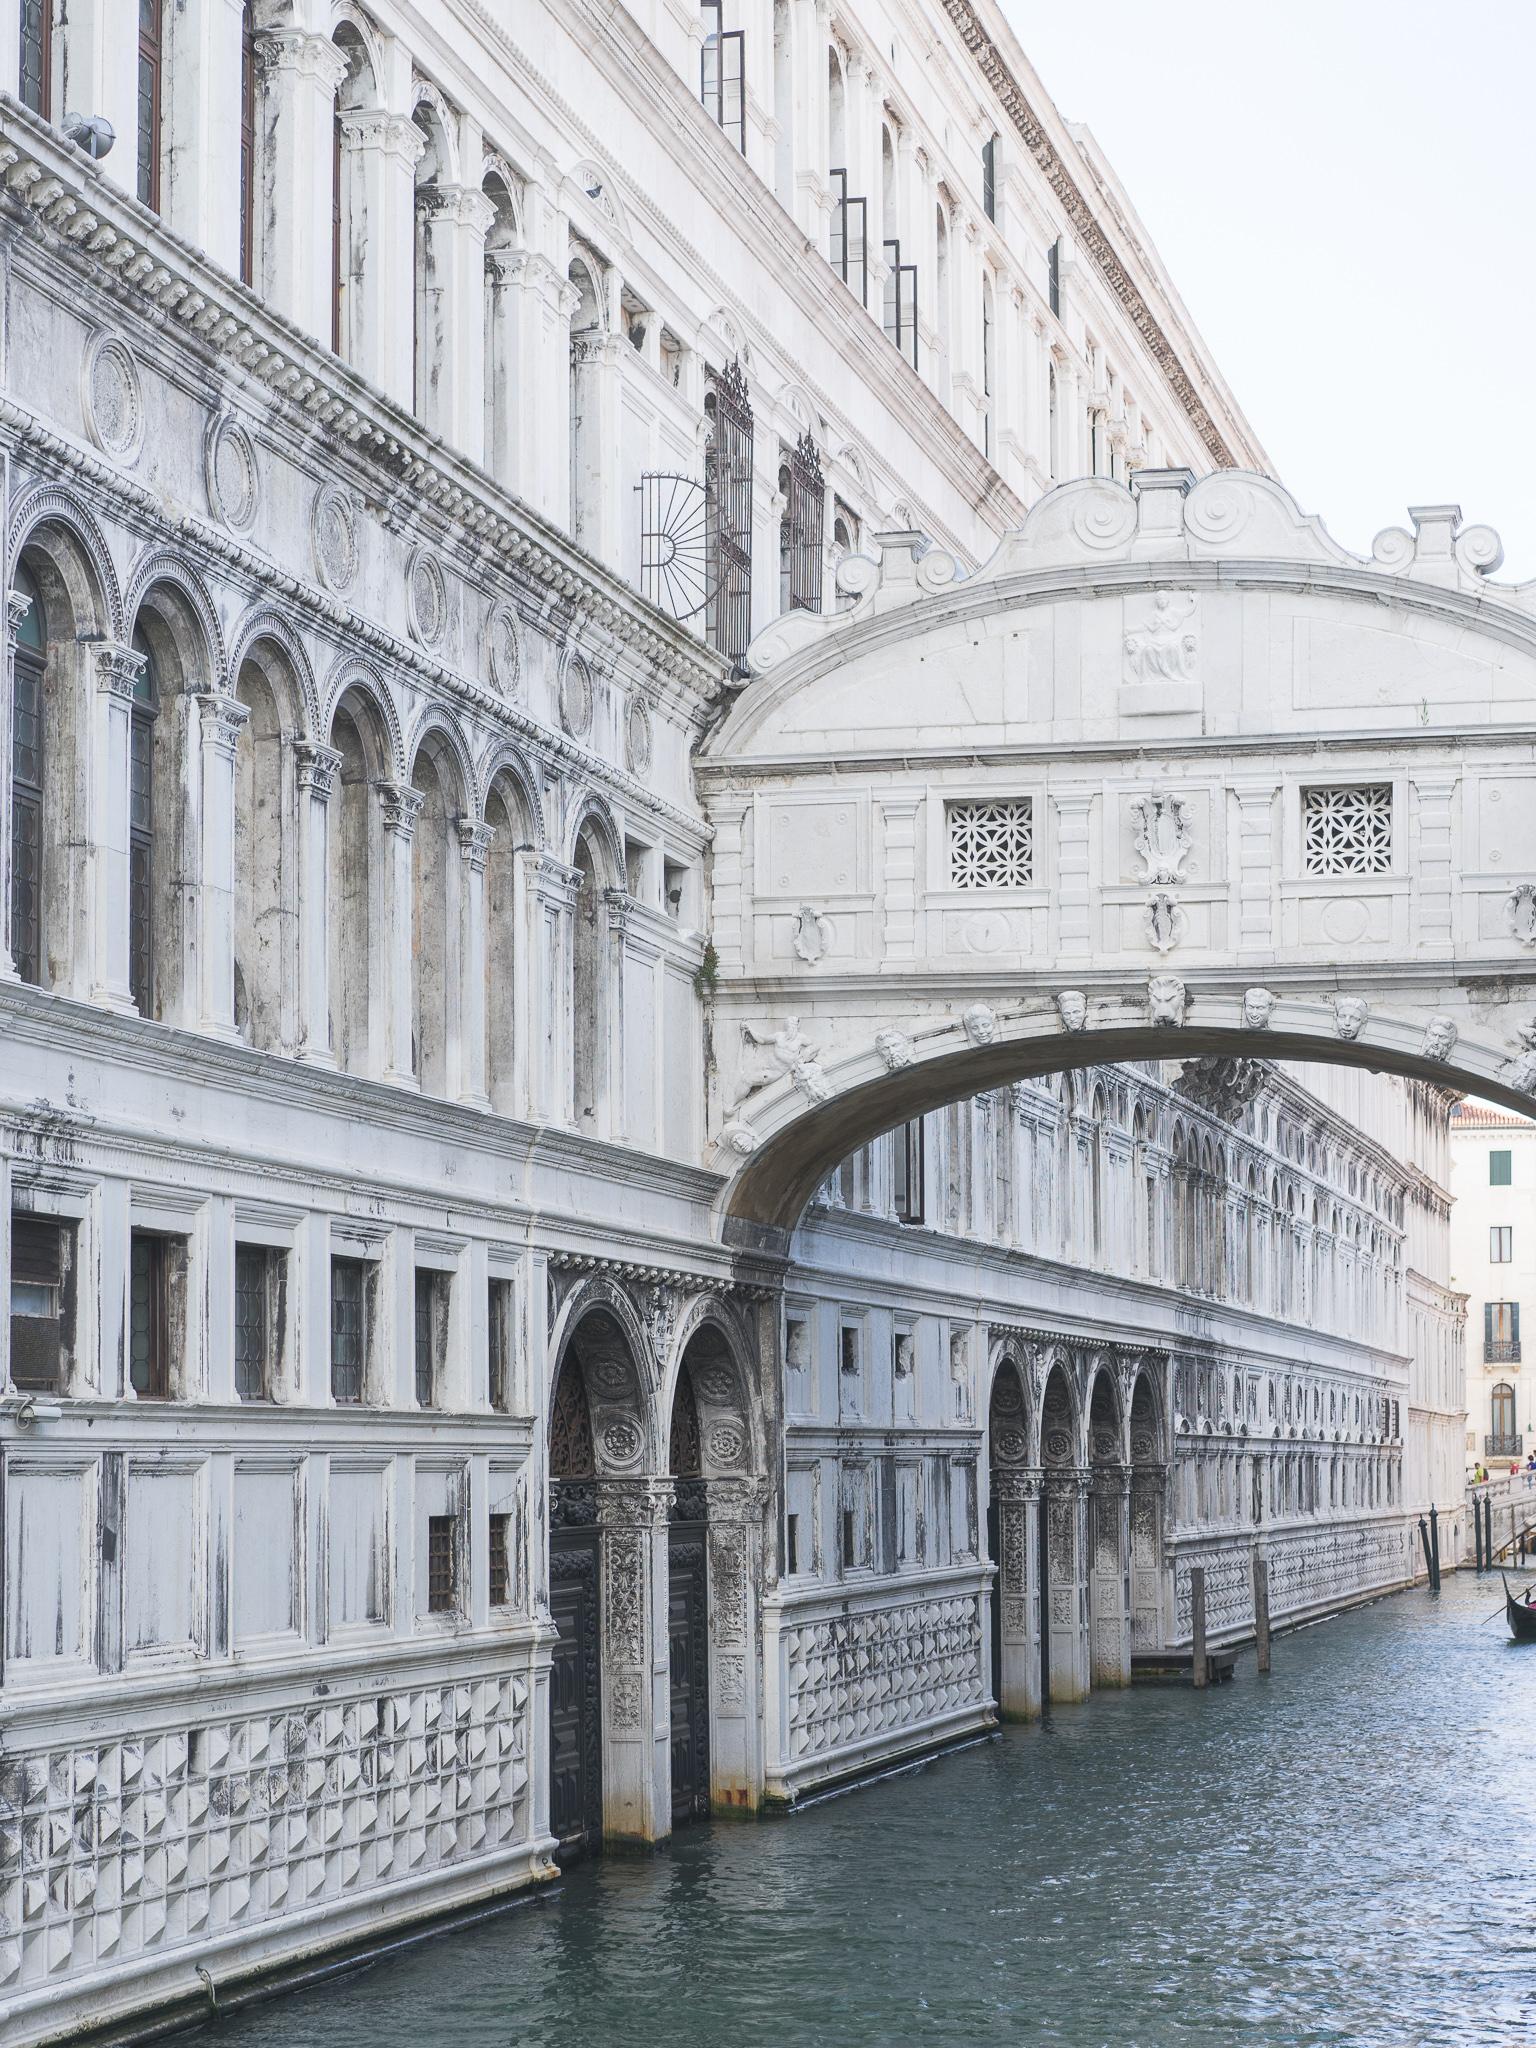 Venice-Burano-Italy-19.jpg